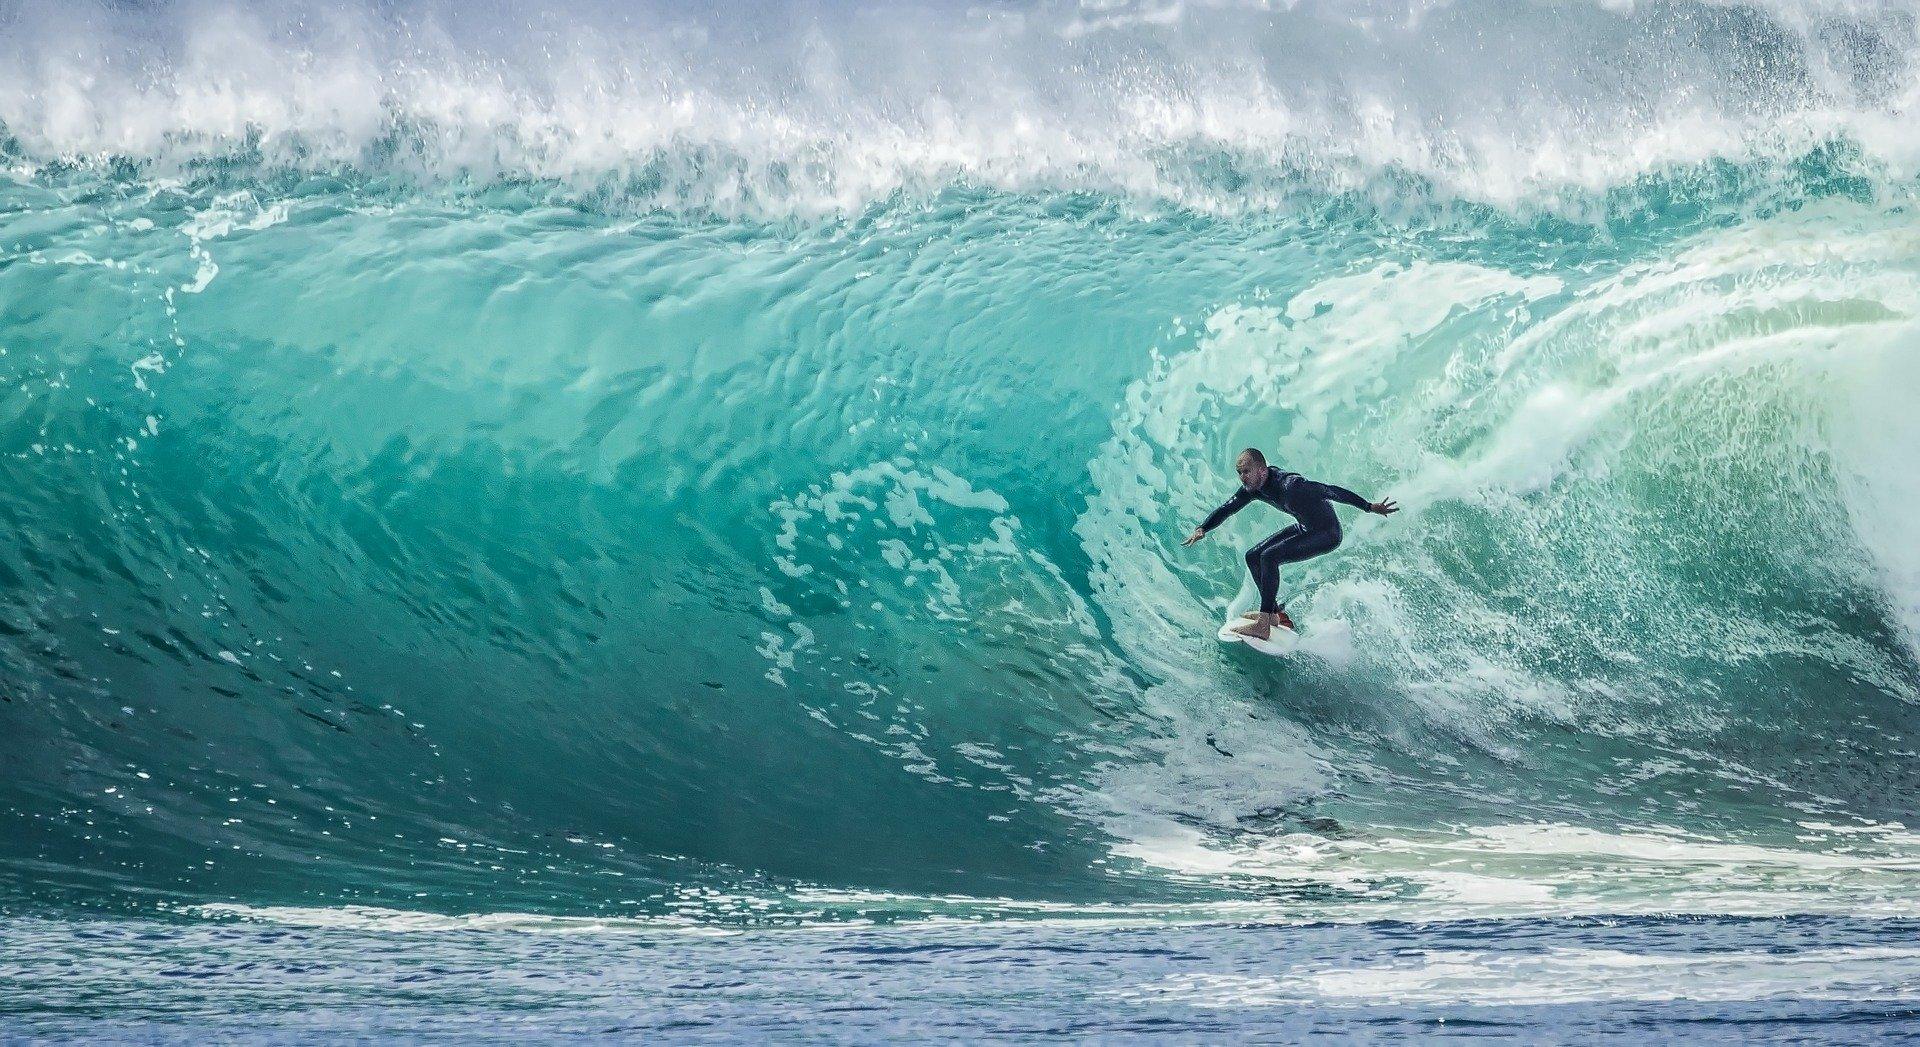 Лови волну: 5 мест для сёрфинга в России отдых,путешествия,туризм,шок